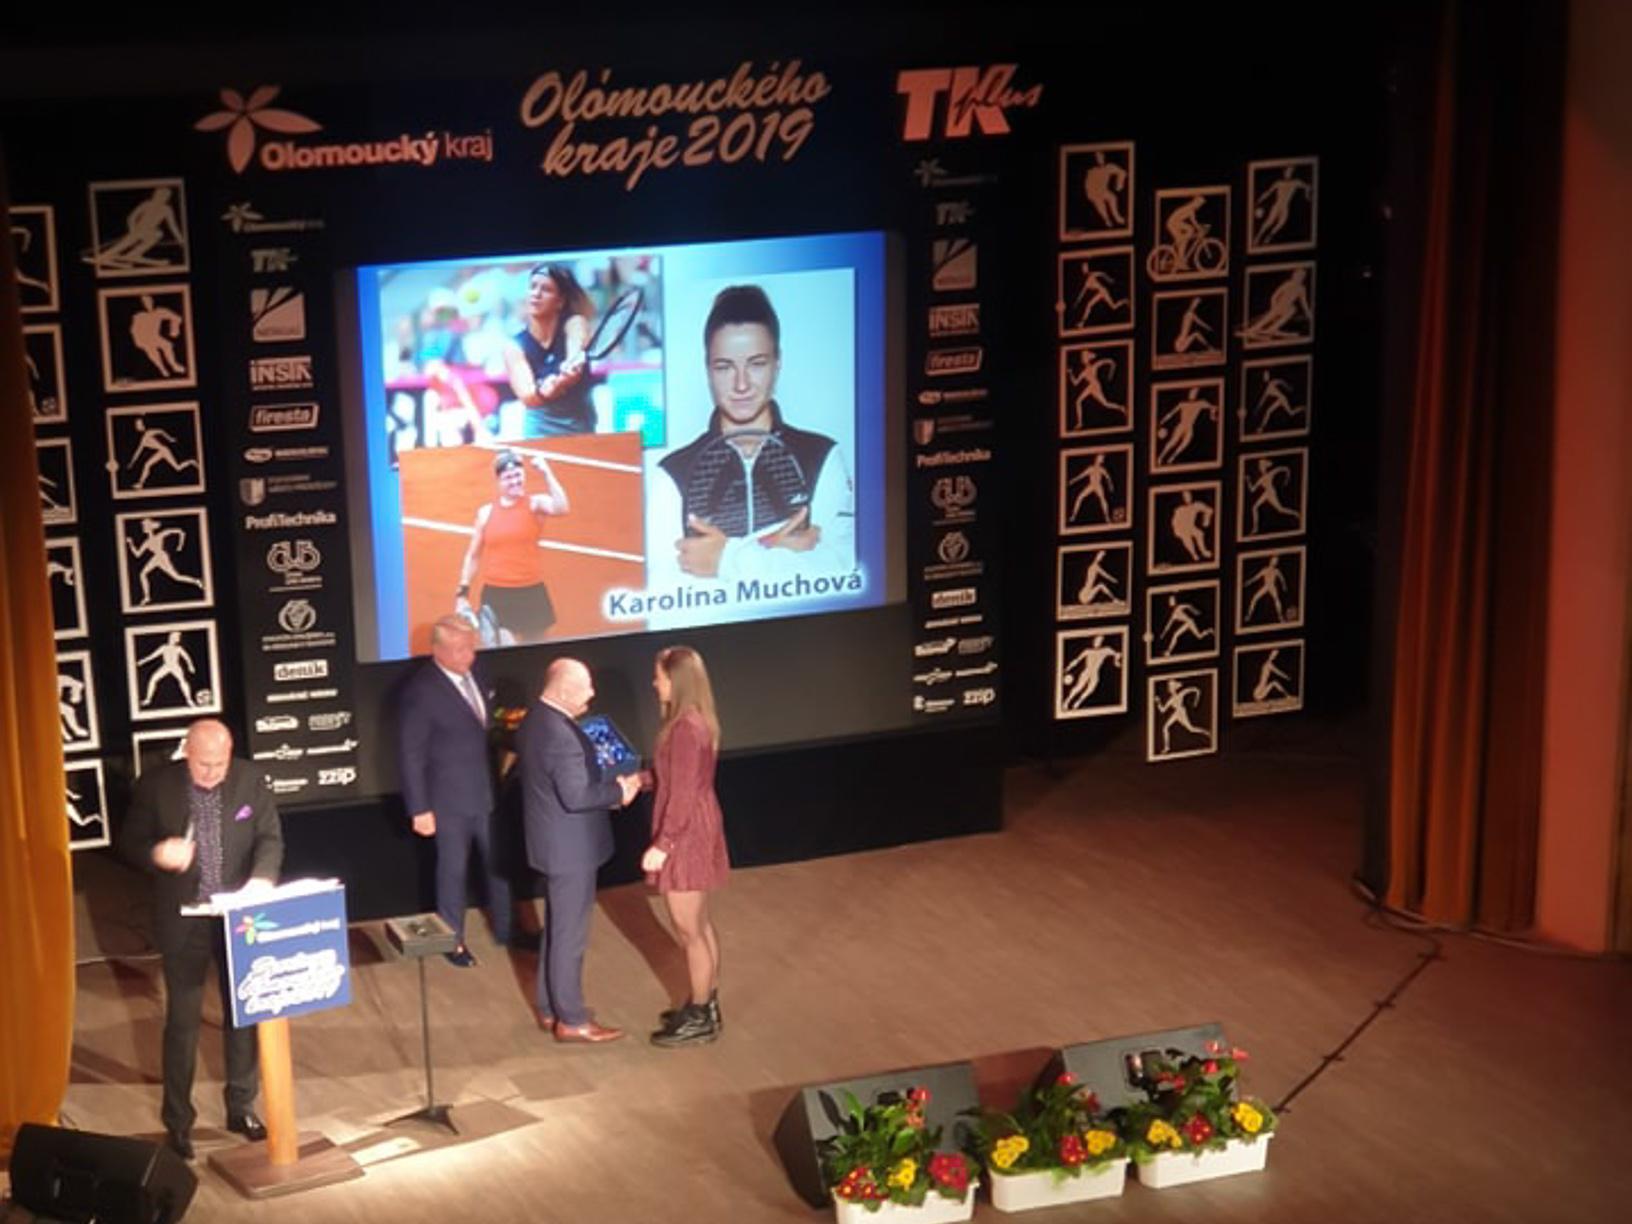 Sportovcem roku je tenistka Muchová. Mezi týmy jsou nejlepší volejbalistky Olomouce